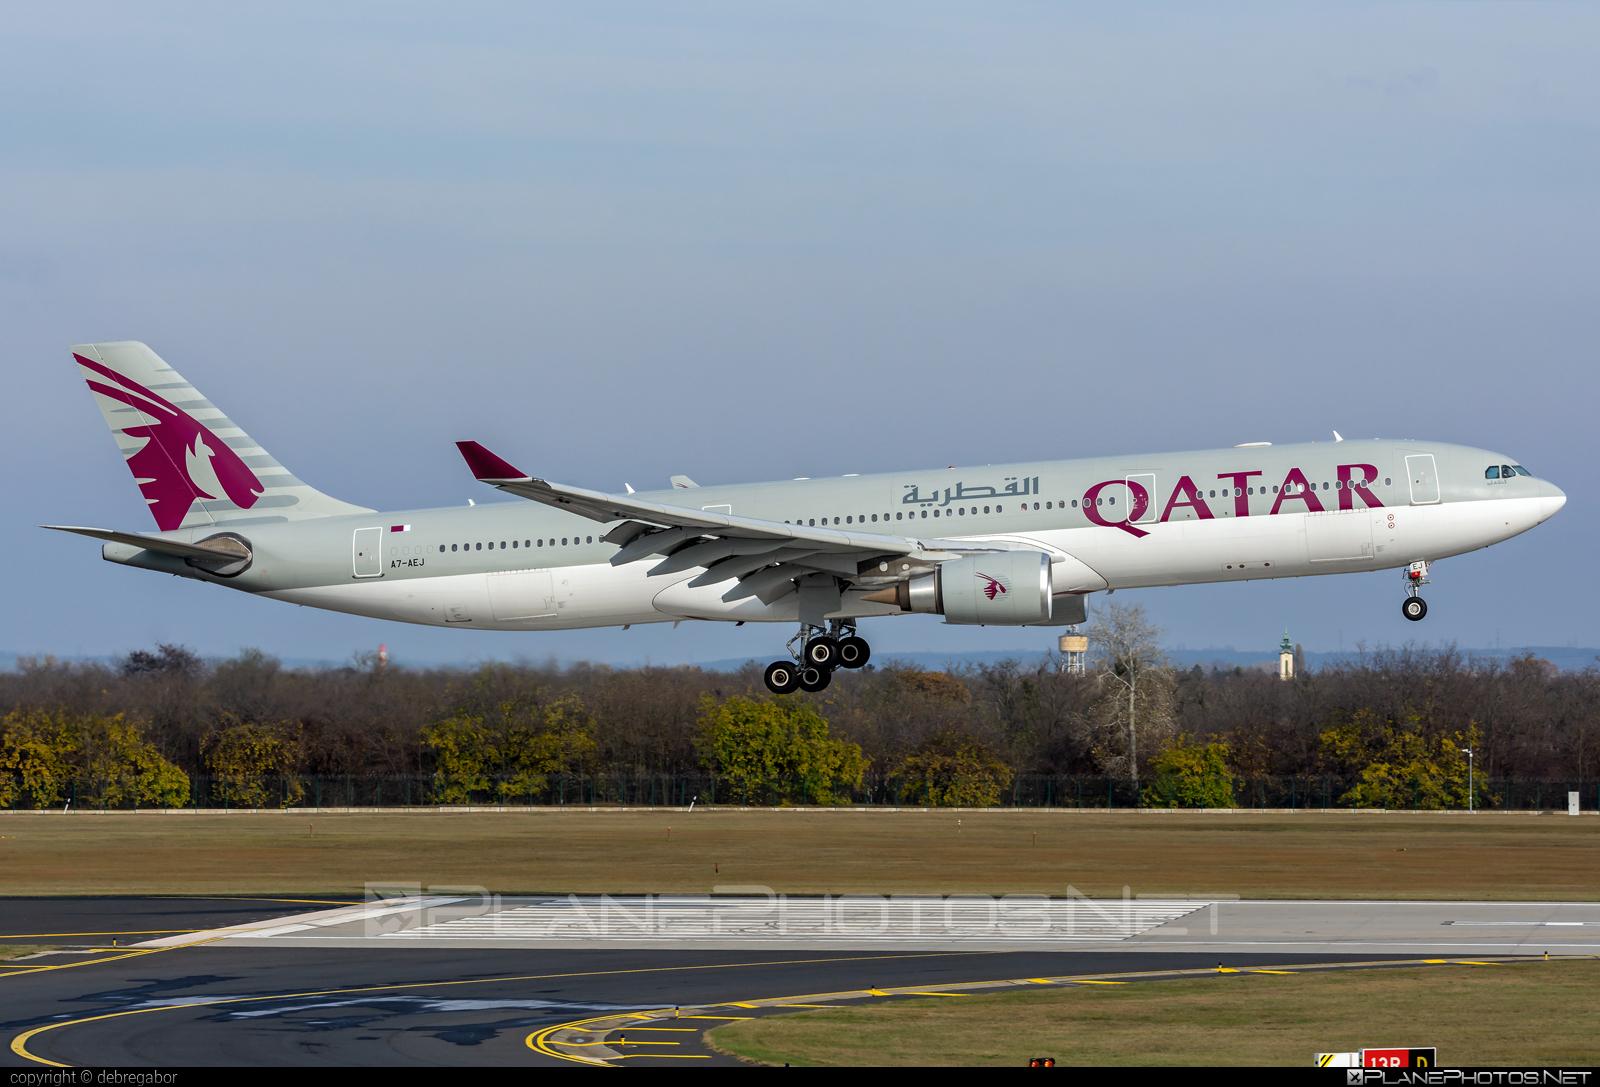 Airbus A330-302 - A7-AEJ operated by Qatar Airways #a330 #a330family #airbus #airbus330 #qatarairways